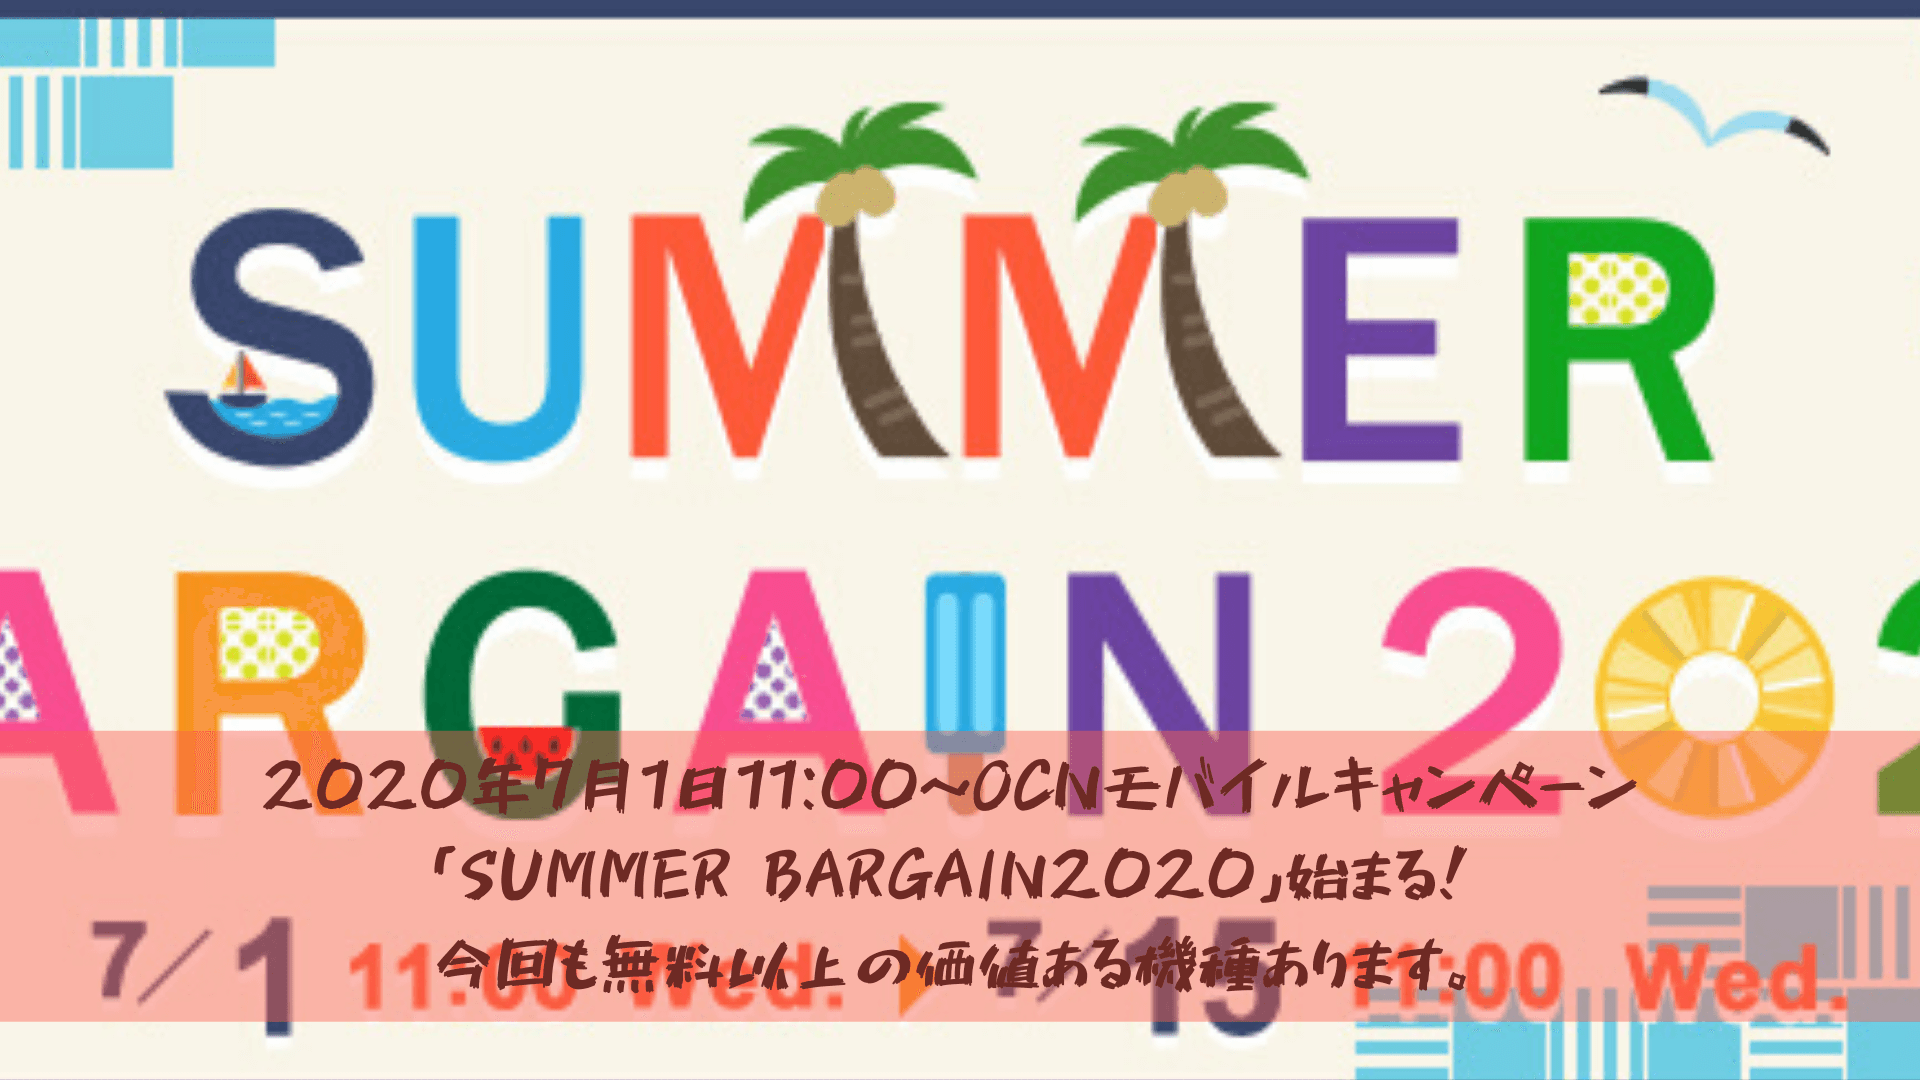 2020年7月1日11:00~OCNモバイルキャンペーン「SUMMER BARGAIN2020」始まる!今回も無料以上の価値ある機種あります。